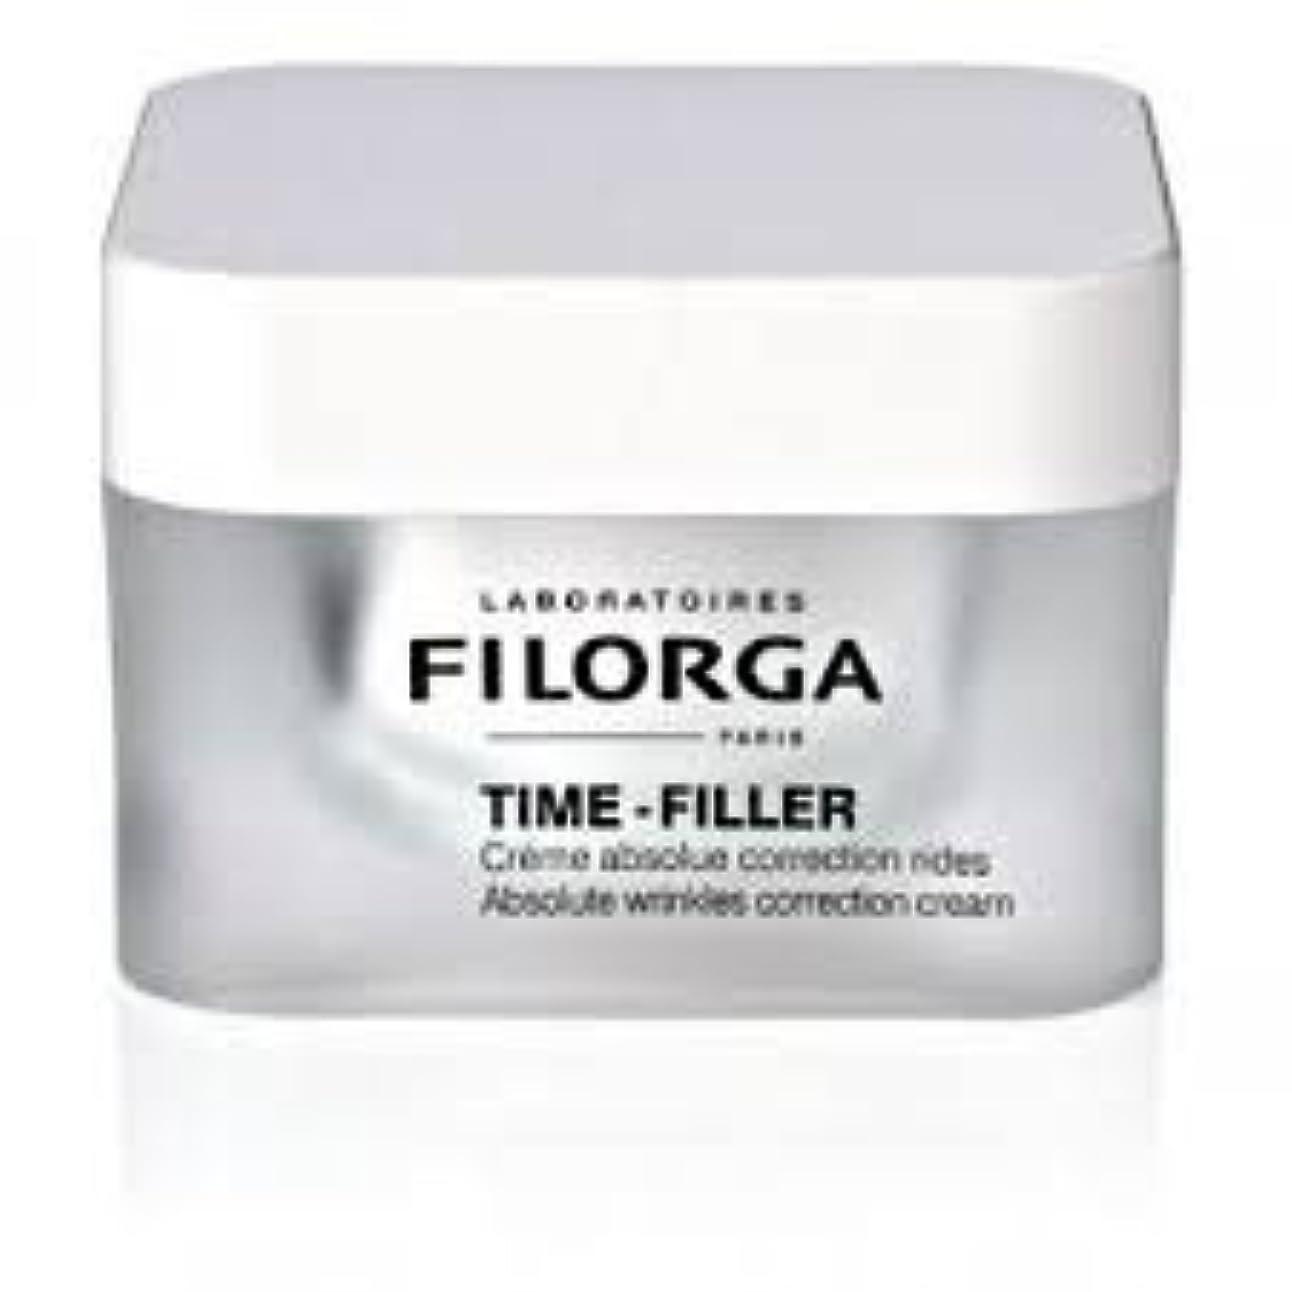 住人天気老人フィロルガ[FILORGA]タイム フィラー 50ML TIME FILLER 50ML [海外直送品] [並行輸入品]